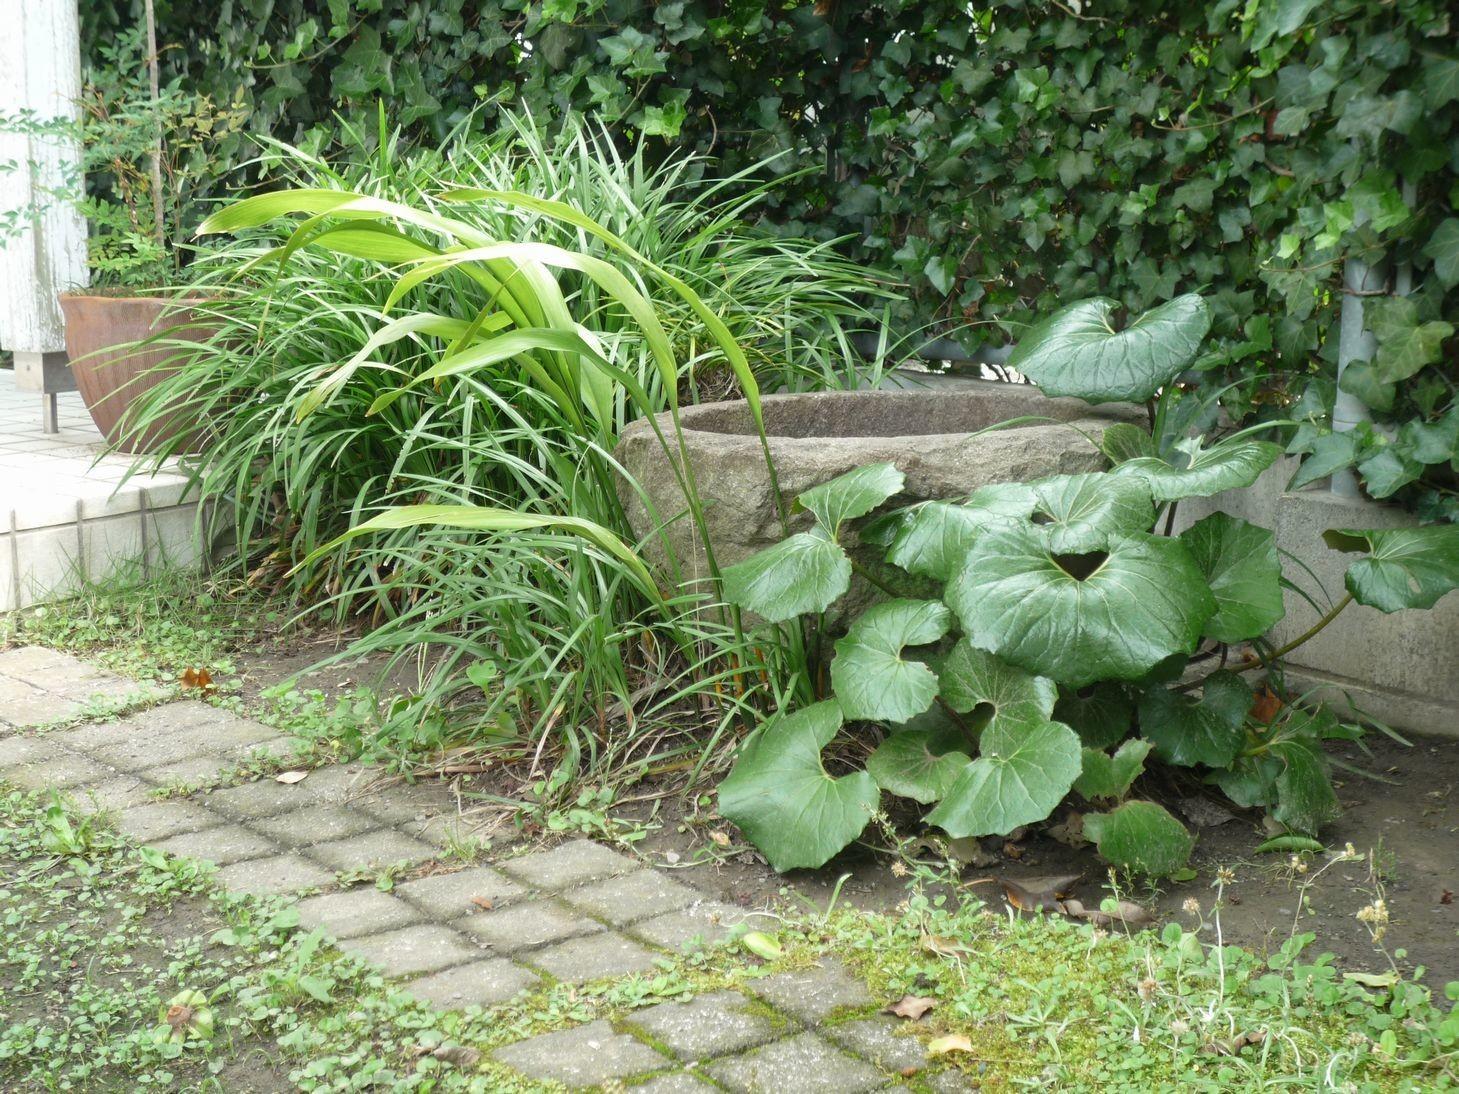 アプローチの途中の古い石臼です。石臼に水を張っておくと、夏は野鳥が水浴びをすることがあります。石臼の周りにはツワブキ、ヤブランなどの下草を植えると、より自然な感じがすると思います   「潤い感のある緑」の成功例